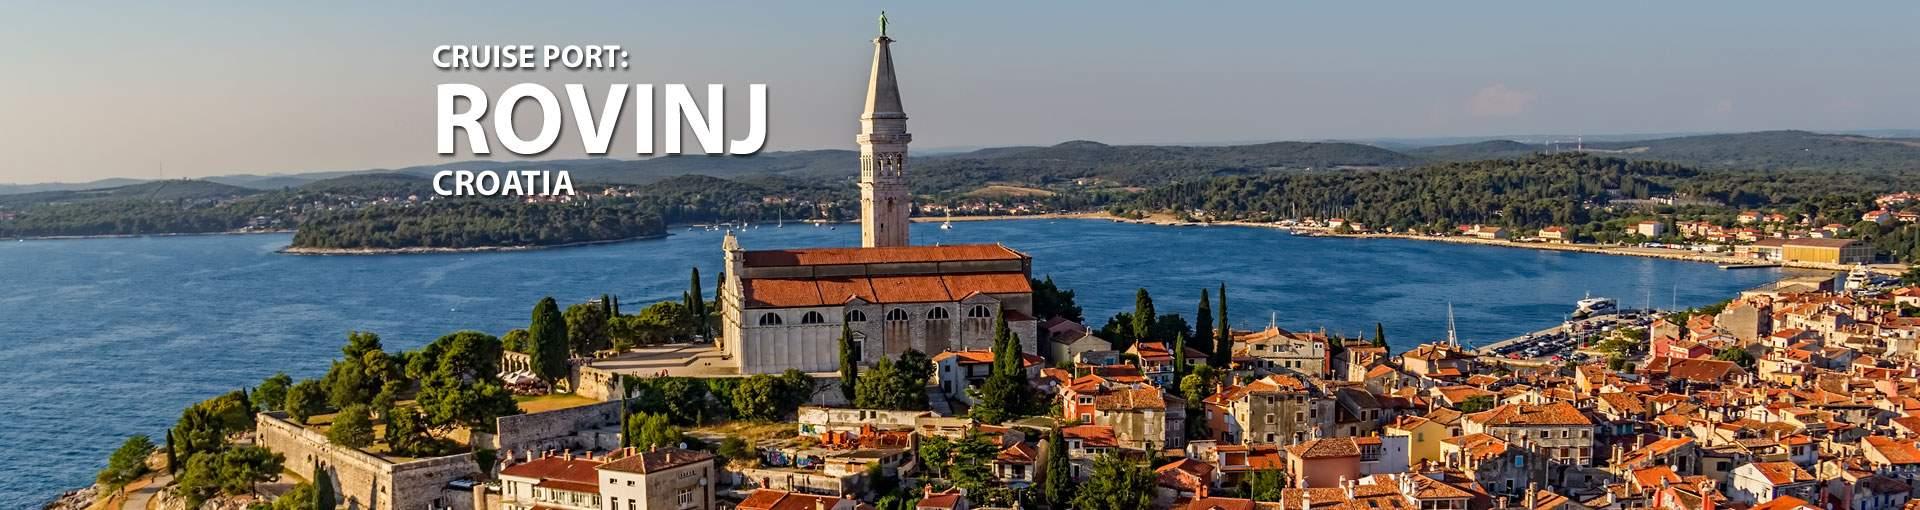 Cruises to Rovinj, Croatia